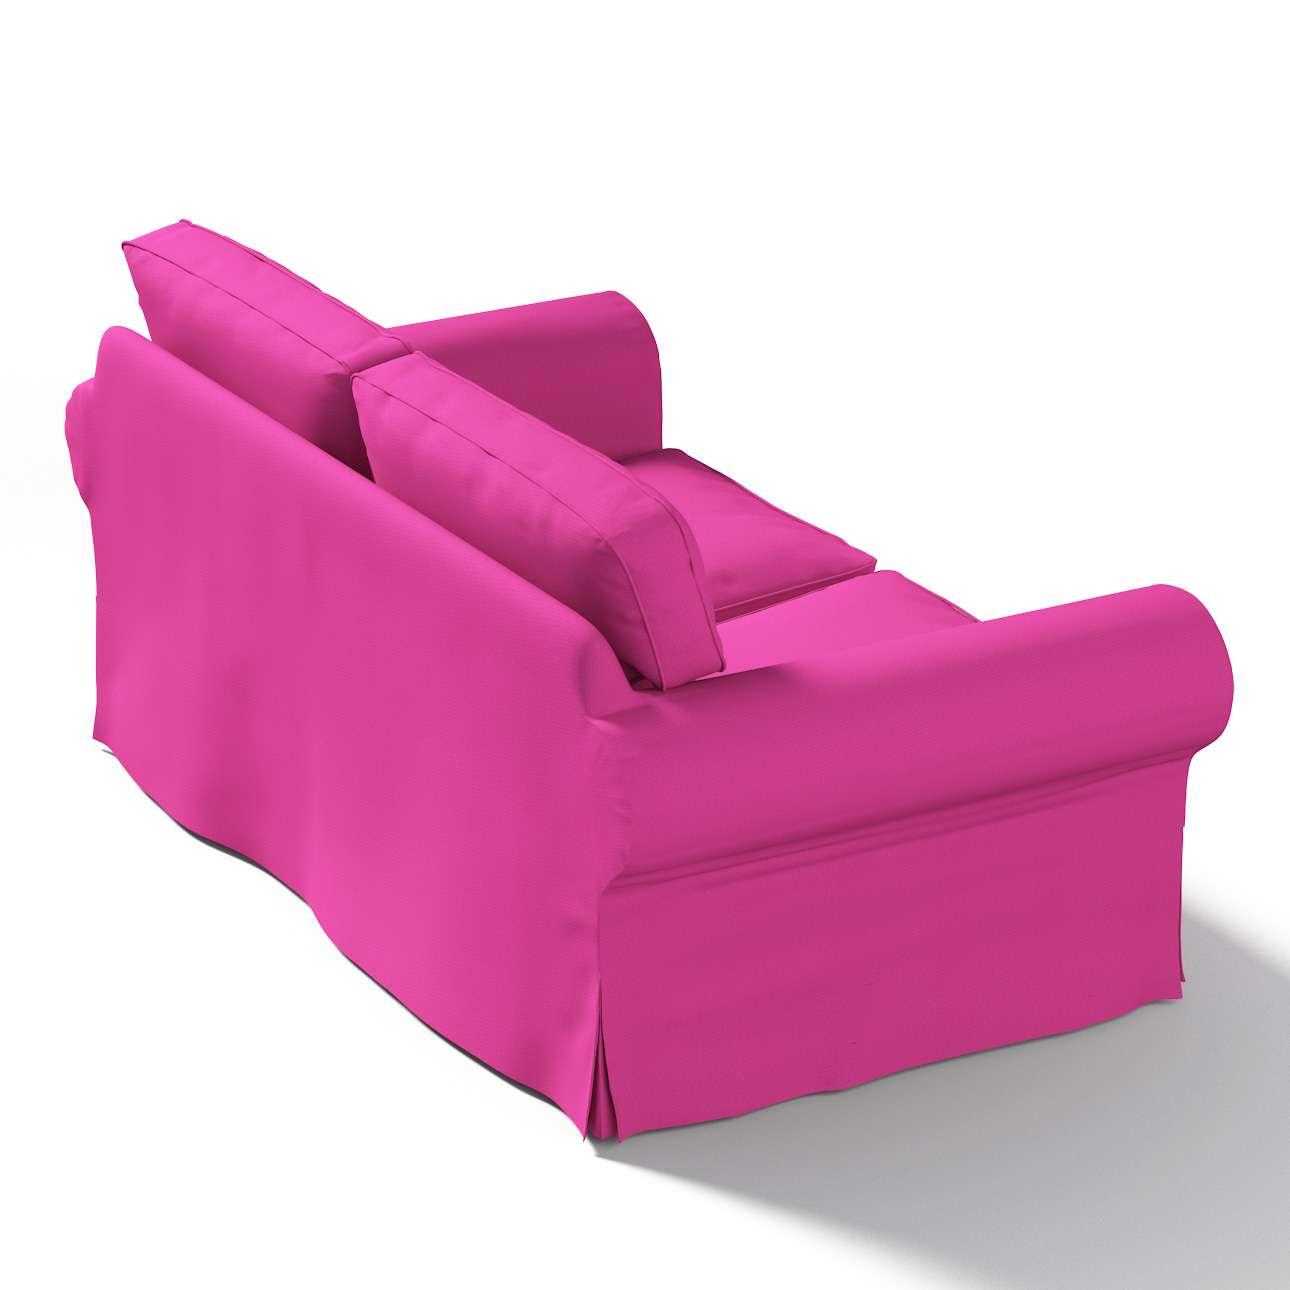 Ektorp 2-Sitzer Sofabezug nicht ausklappbar von der Kollektion Etna, Stoff: 705-23